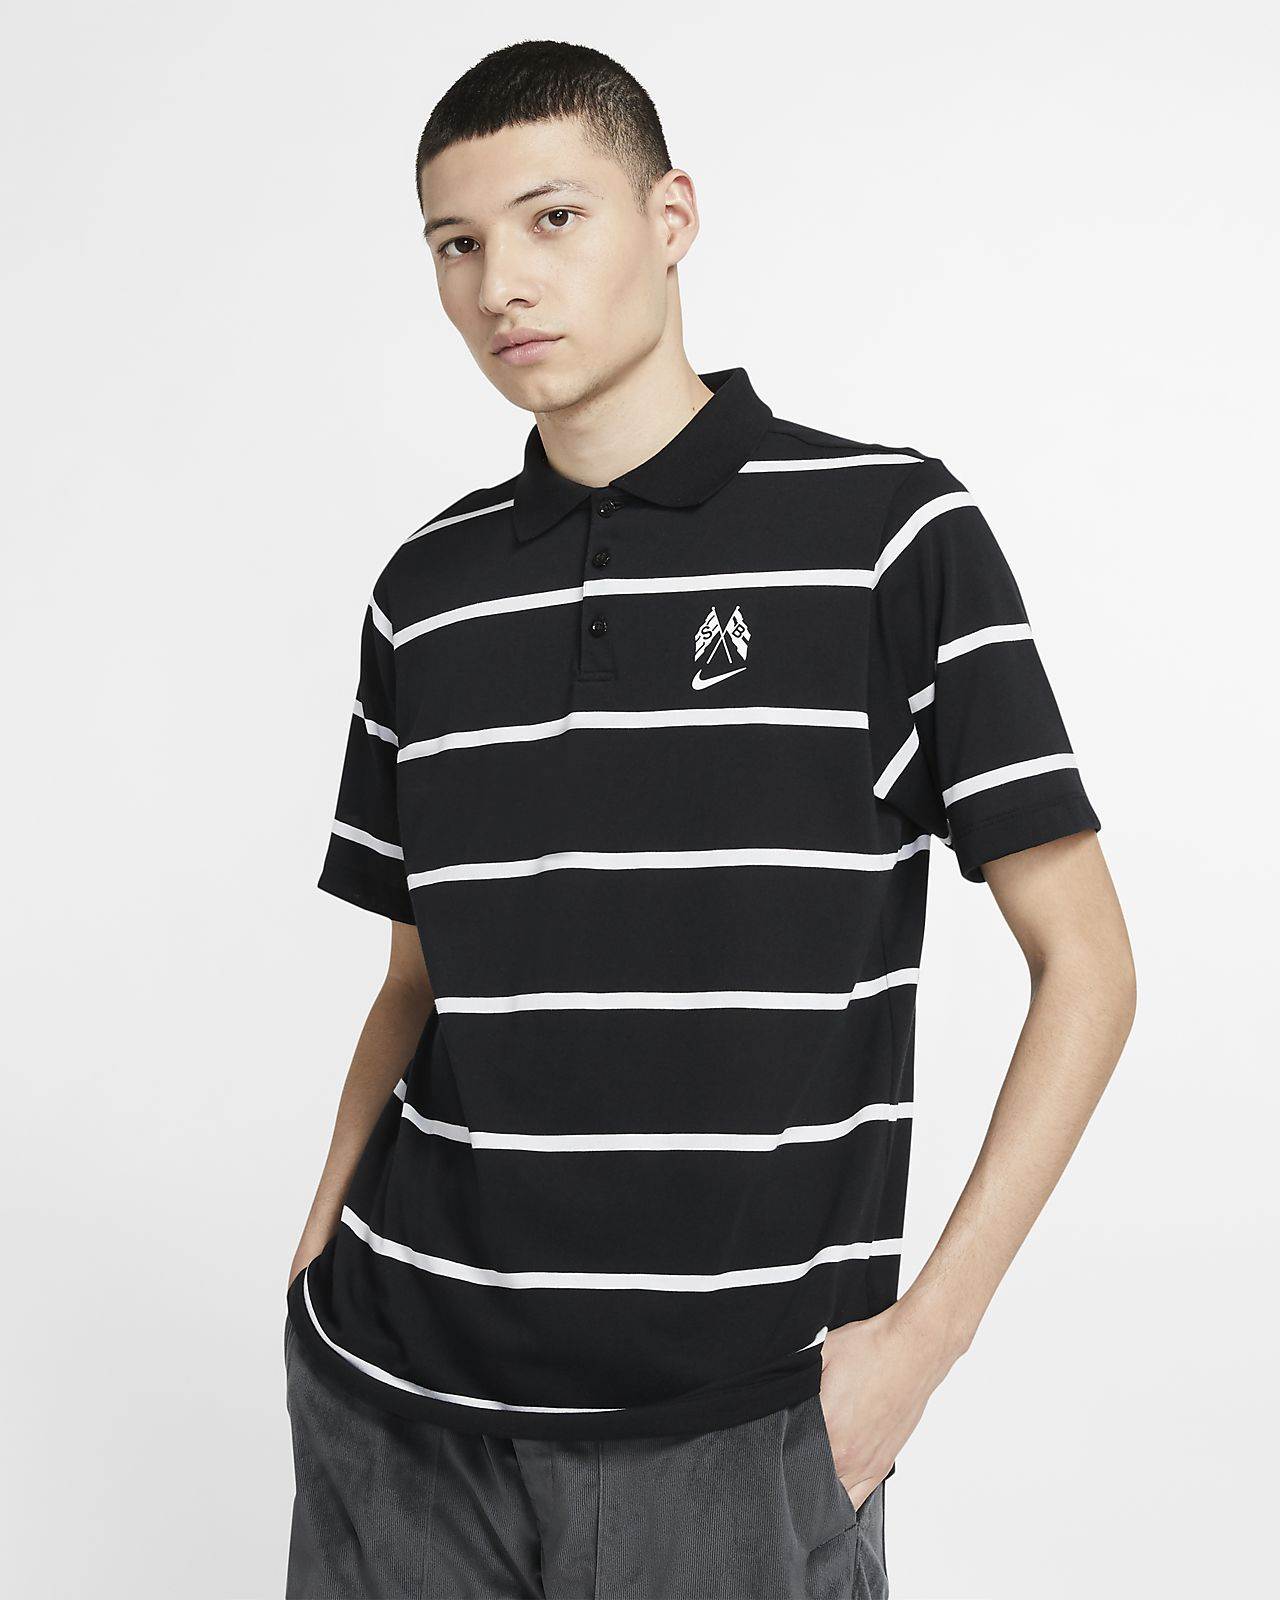 Nike SB Dri-FIT skateskjorte til herre